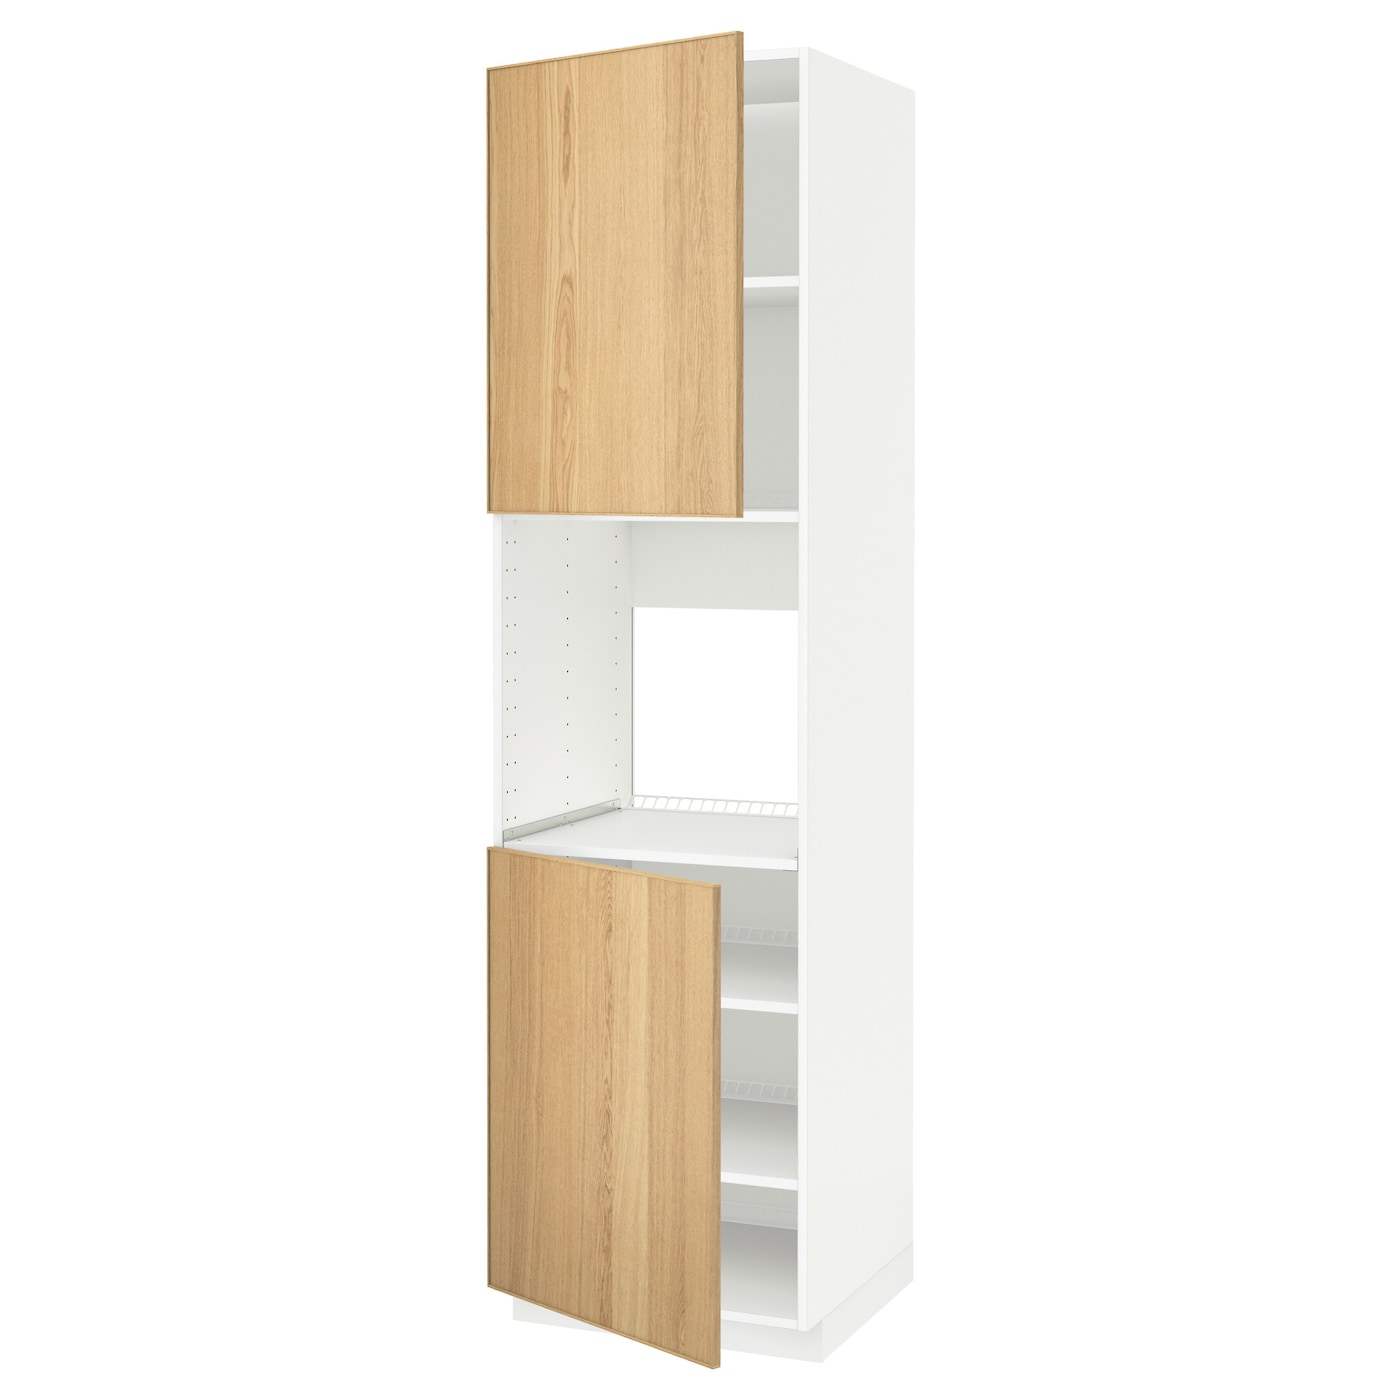 METOD, Hochschr. für Ofen+2 Türen/Böden, weiß 690.533.12